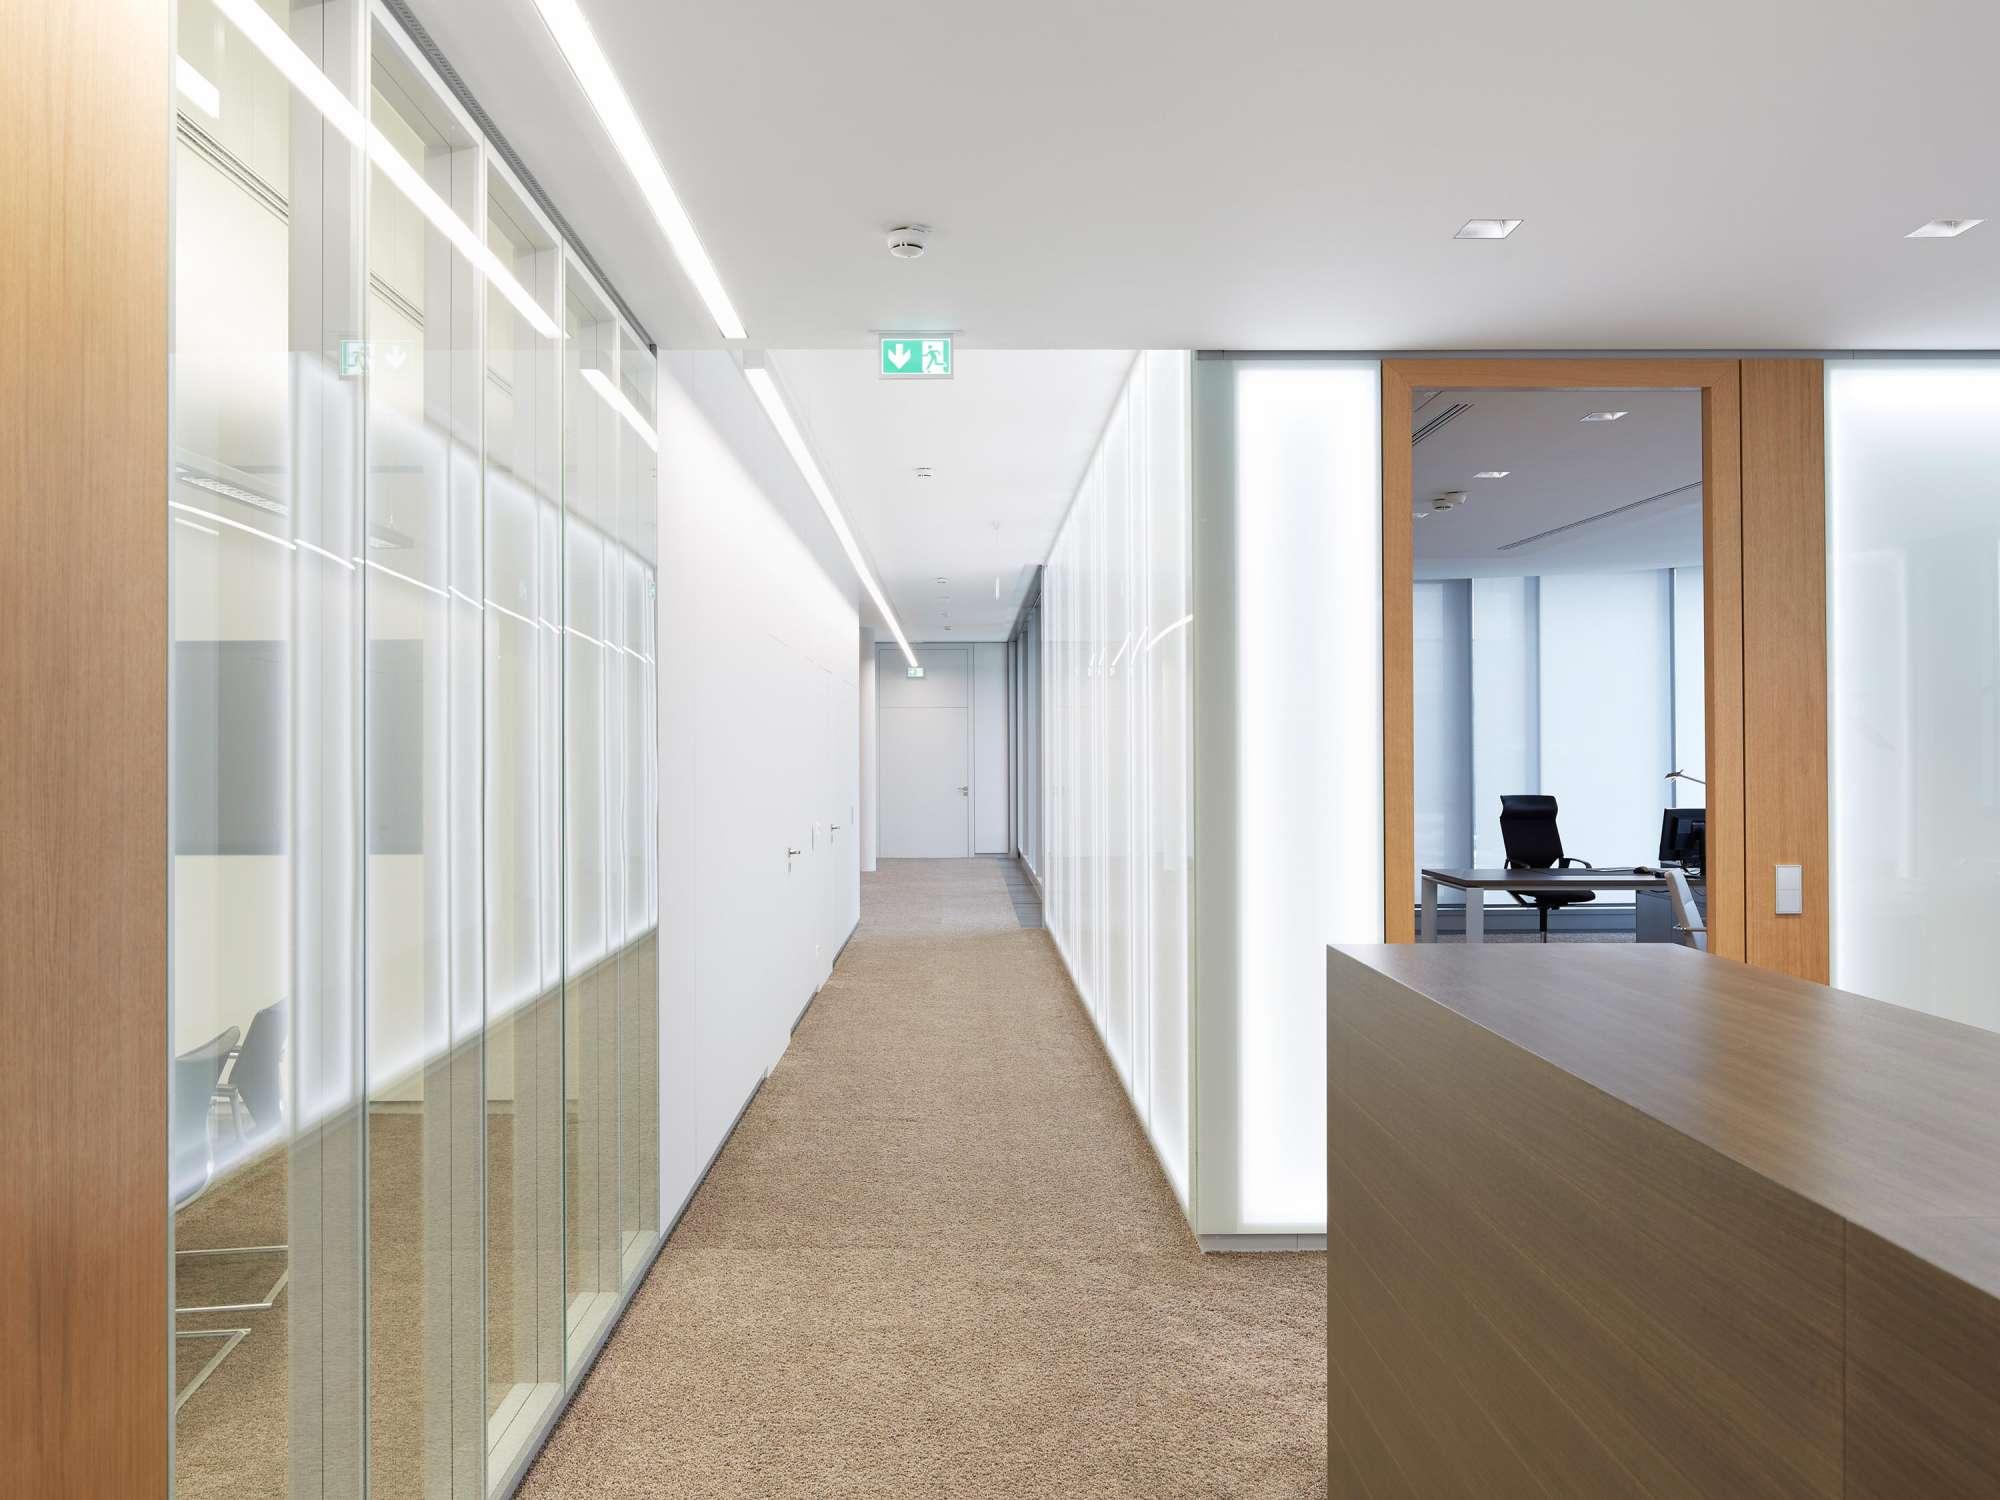 Verwaltungs- und Infrastrukturgebäude (11)